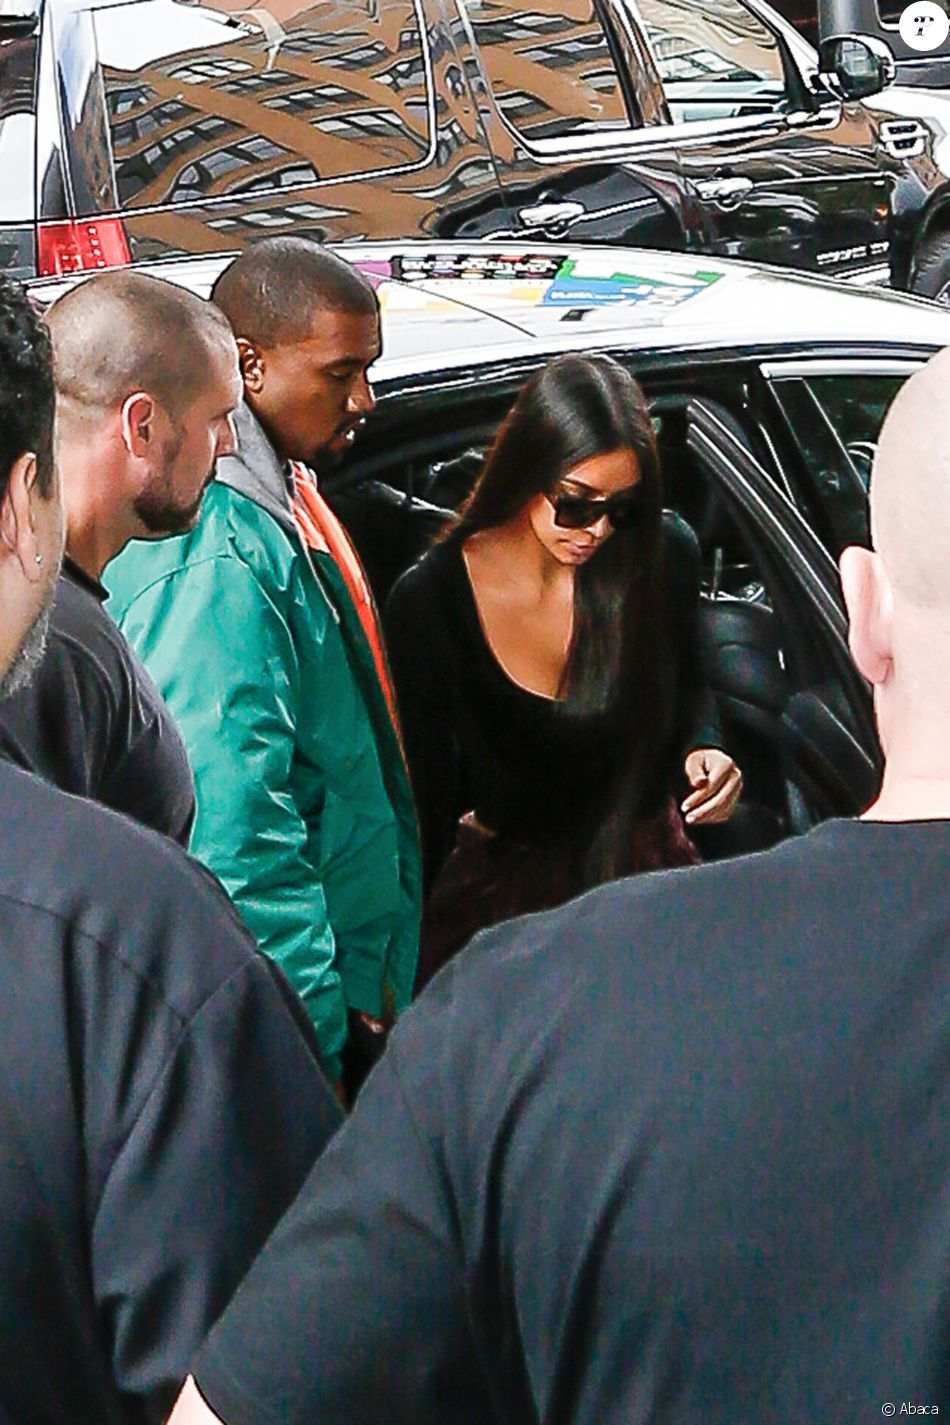 Kim Kardashian arrive à son appartement à New York le 3 octobre 2016. Elle est de retour de Paris où elle a été agressée et détroussée de 10 millions de dollars. Elle a quitté Paris en jet privé le 3 octobre au matin accompagnée de sa mère Kris Jenner. Son mari Kanye West est venu la chercher à l'aéroport Teterboro.